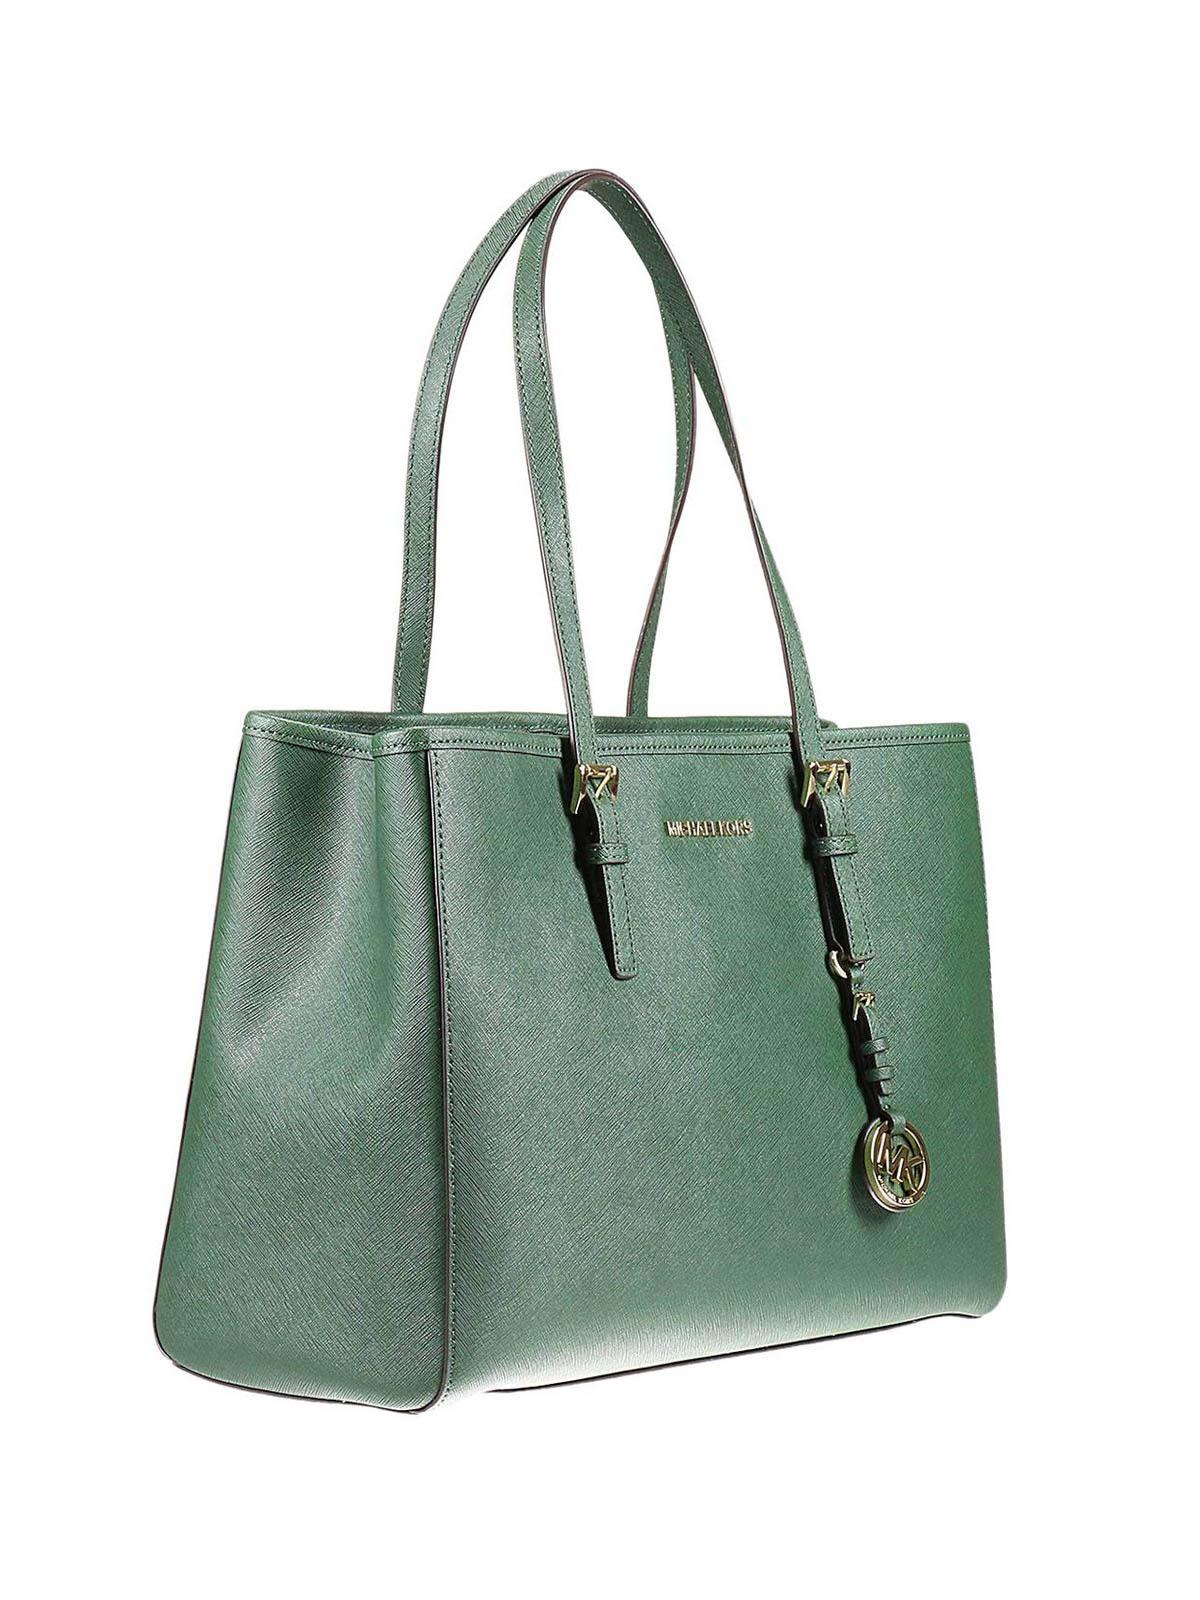 Michael Kors | Accessories | Handtaschen, Taschen y Grün